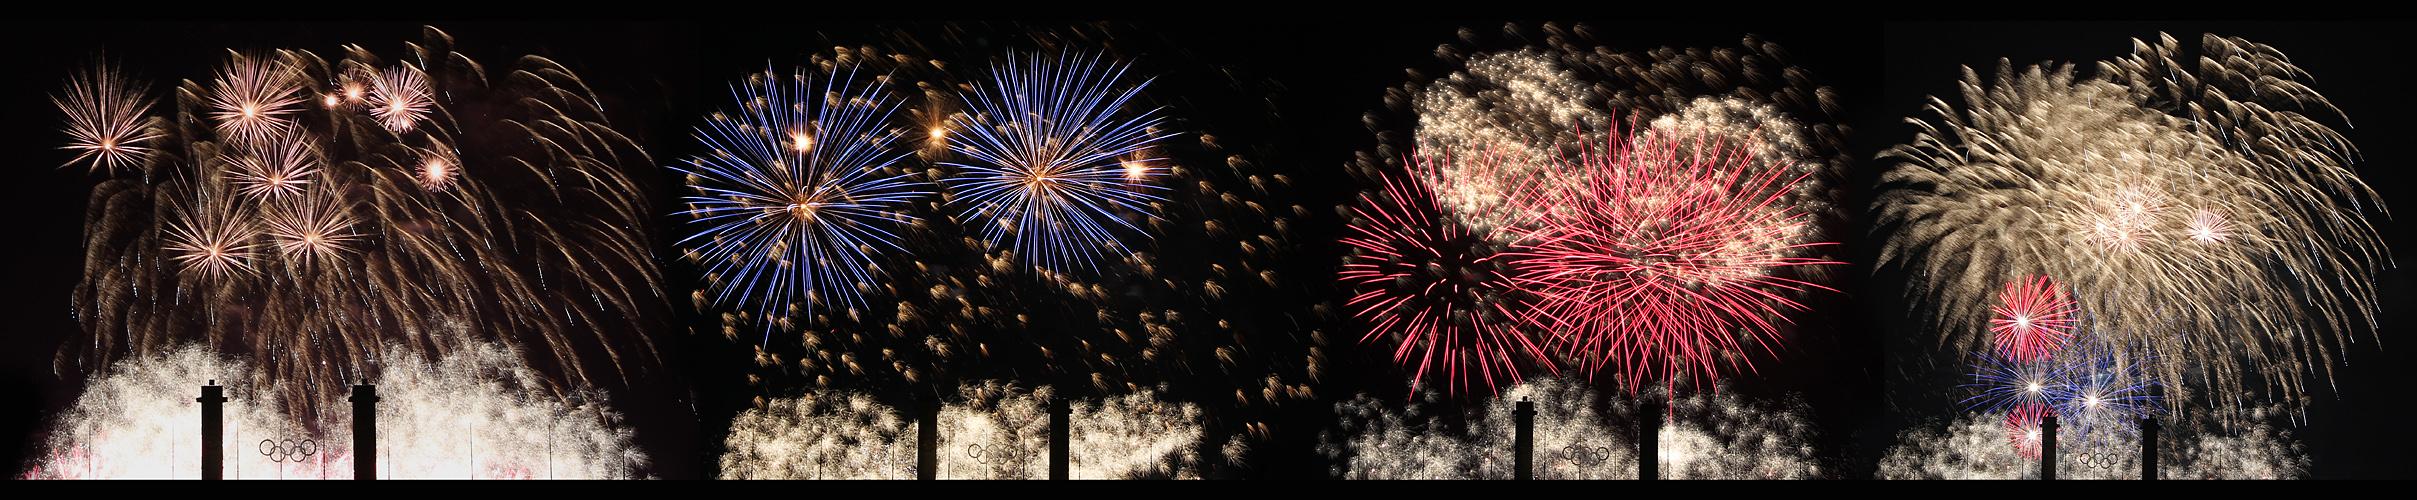 Und noch etwas Feuerwerk  zum Sonntag-Abend!